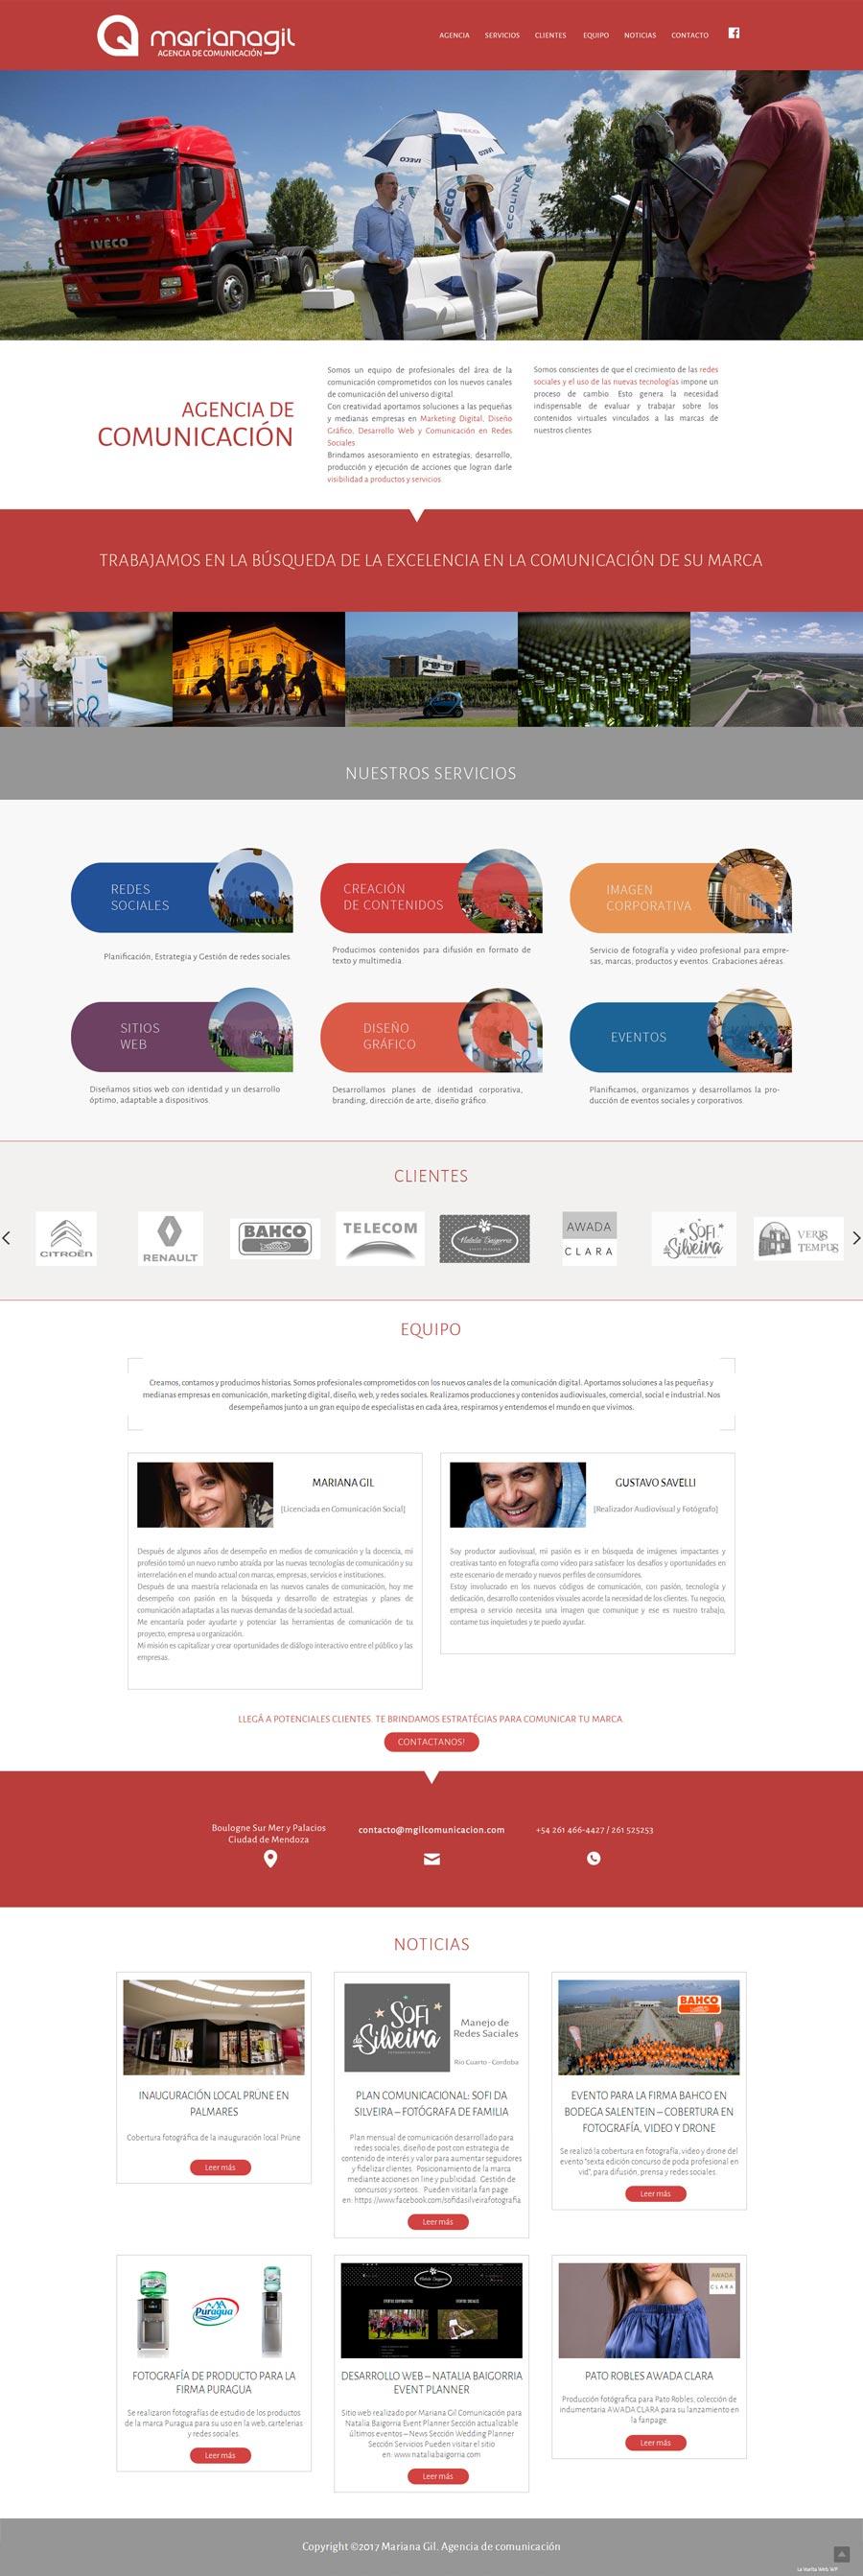 Sitio web ideado para la Licenciada Mariana Gil. Agencia de Comunicación de Mendoza por La Vuelta Web